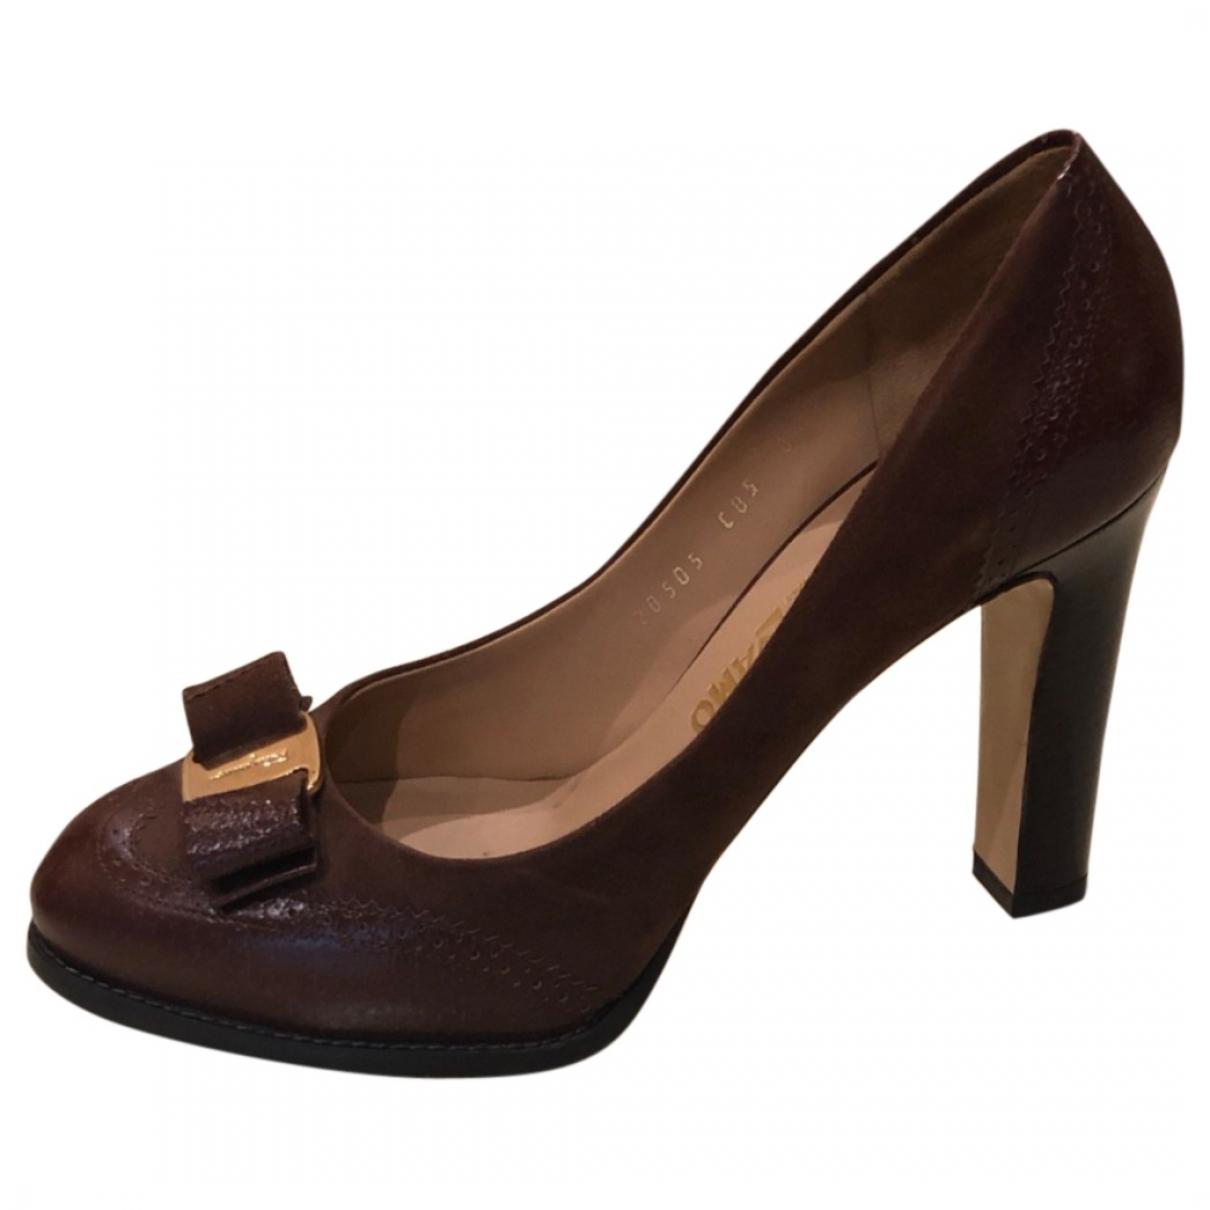 Salvatore Ferragamo \N Brown Suede Heels for Women 38.5 EU